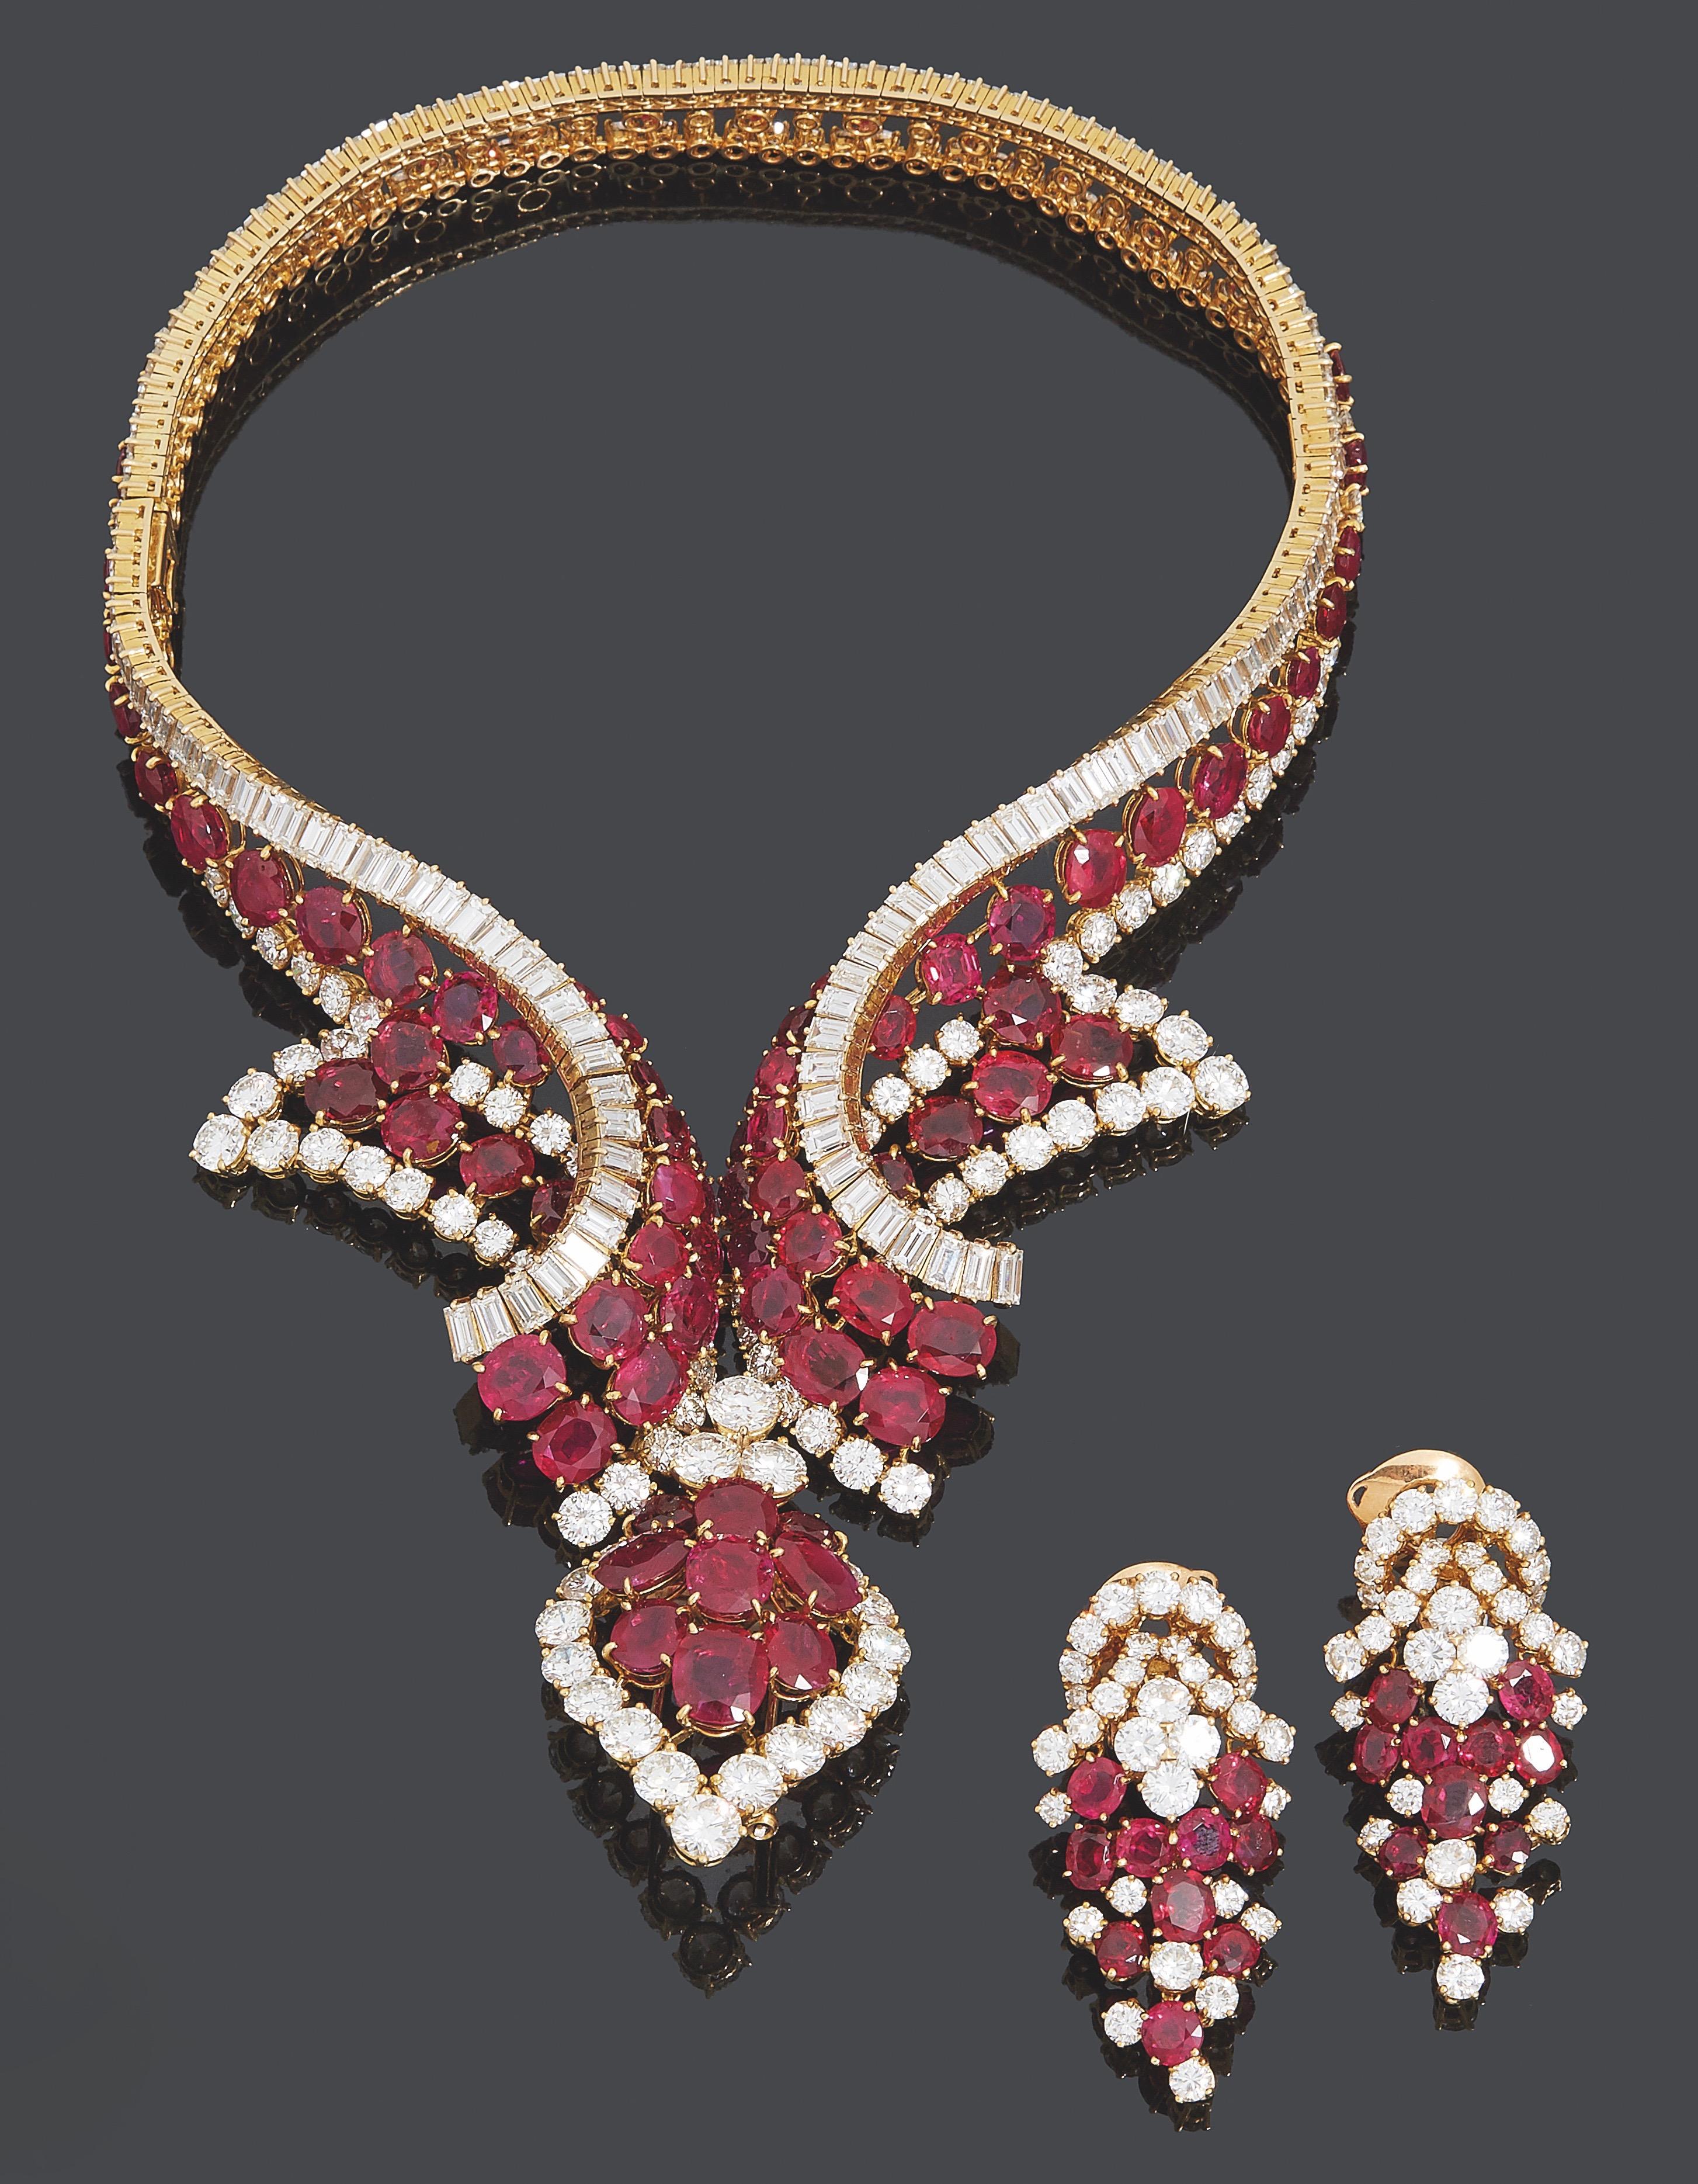 46. M. GERARD PARURE « collection MEDICIS » composée d'un COLLIER « volutes », partiellement transformable en BRACELET, d'un CLIP de CORSAGE « goutte » transformable en PENDENTIF et d'une paire de CLIPS d'OREILLES « grappe », en suite. La monture en or jaune (750‰) serti de diamants taille brillant et rubis ronds, soulignés d'alignements de diamants baguettes. Signée M. GERARD et numérotée, commande spéciale. Dans un étui M. GERARD. Expert Cukierman